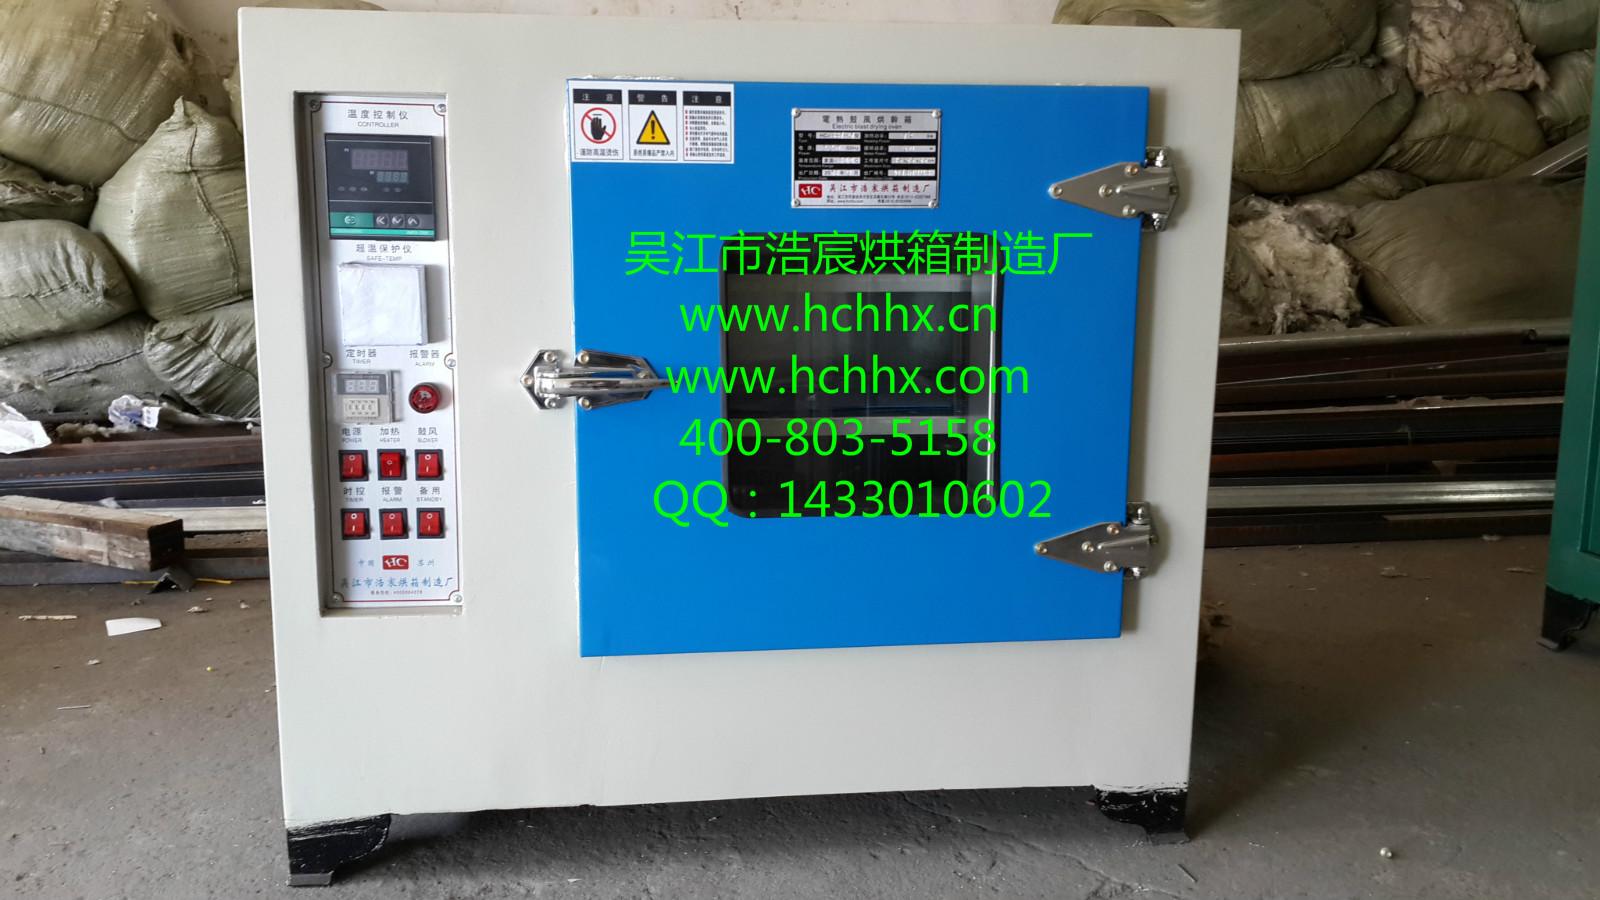 HC881-1型热风循环烘箱采用国家经委重点推广的加热新技术,加热元件被加热后能幅射215微米以上远红外线,当它被加热物体吸收时可直接转变为热能,从而获得快速干燥之效果、达到缩短生产周期,节约能源、提高产品质量等目的。使用方便、效果显著、它广泛取代101型或202型等传统电热干燥箱。近几年,已被逐步推广,是一种理想的干燥设备。适用于电子、医疗卫生、大专院校和科研部门的车间或实验室。